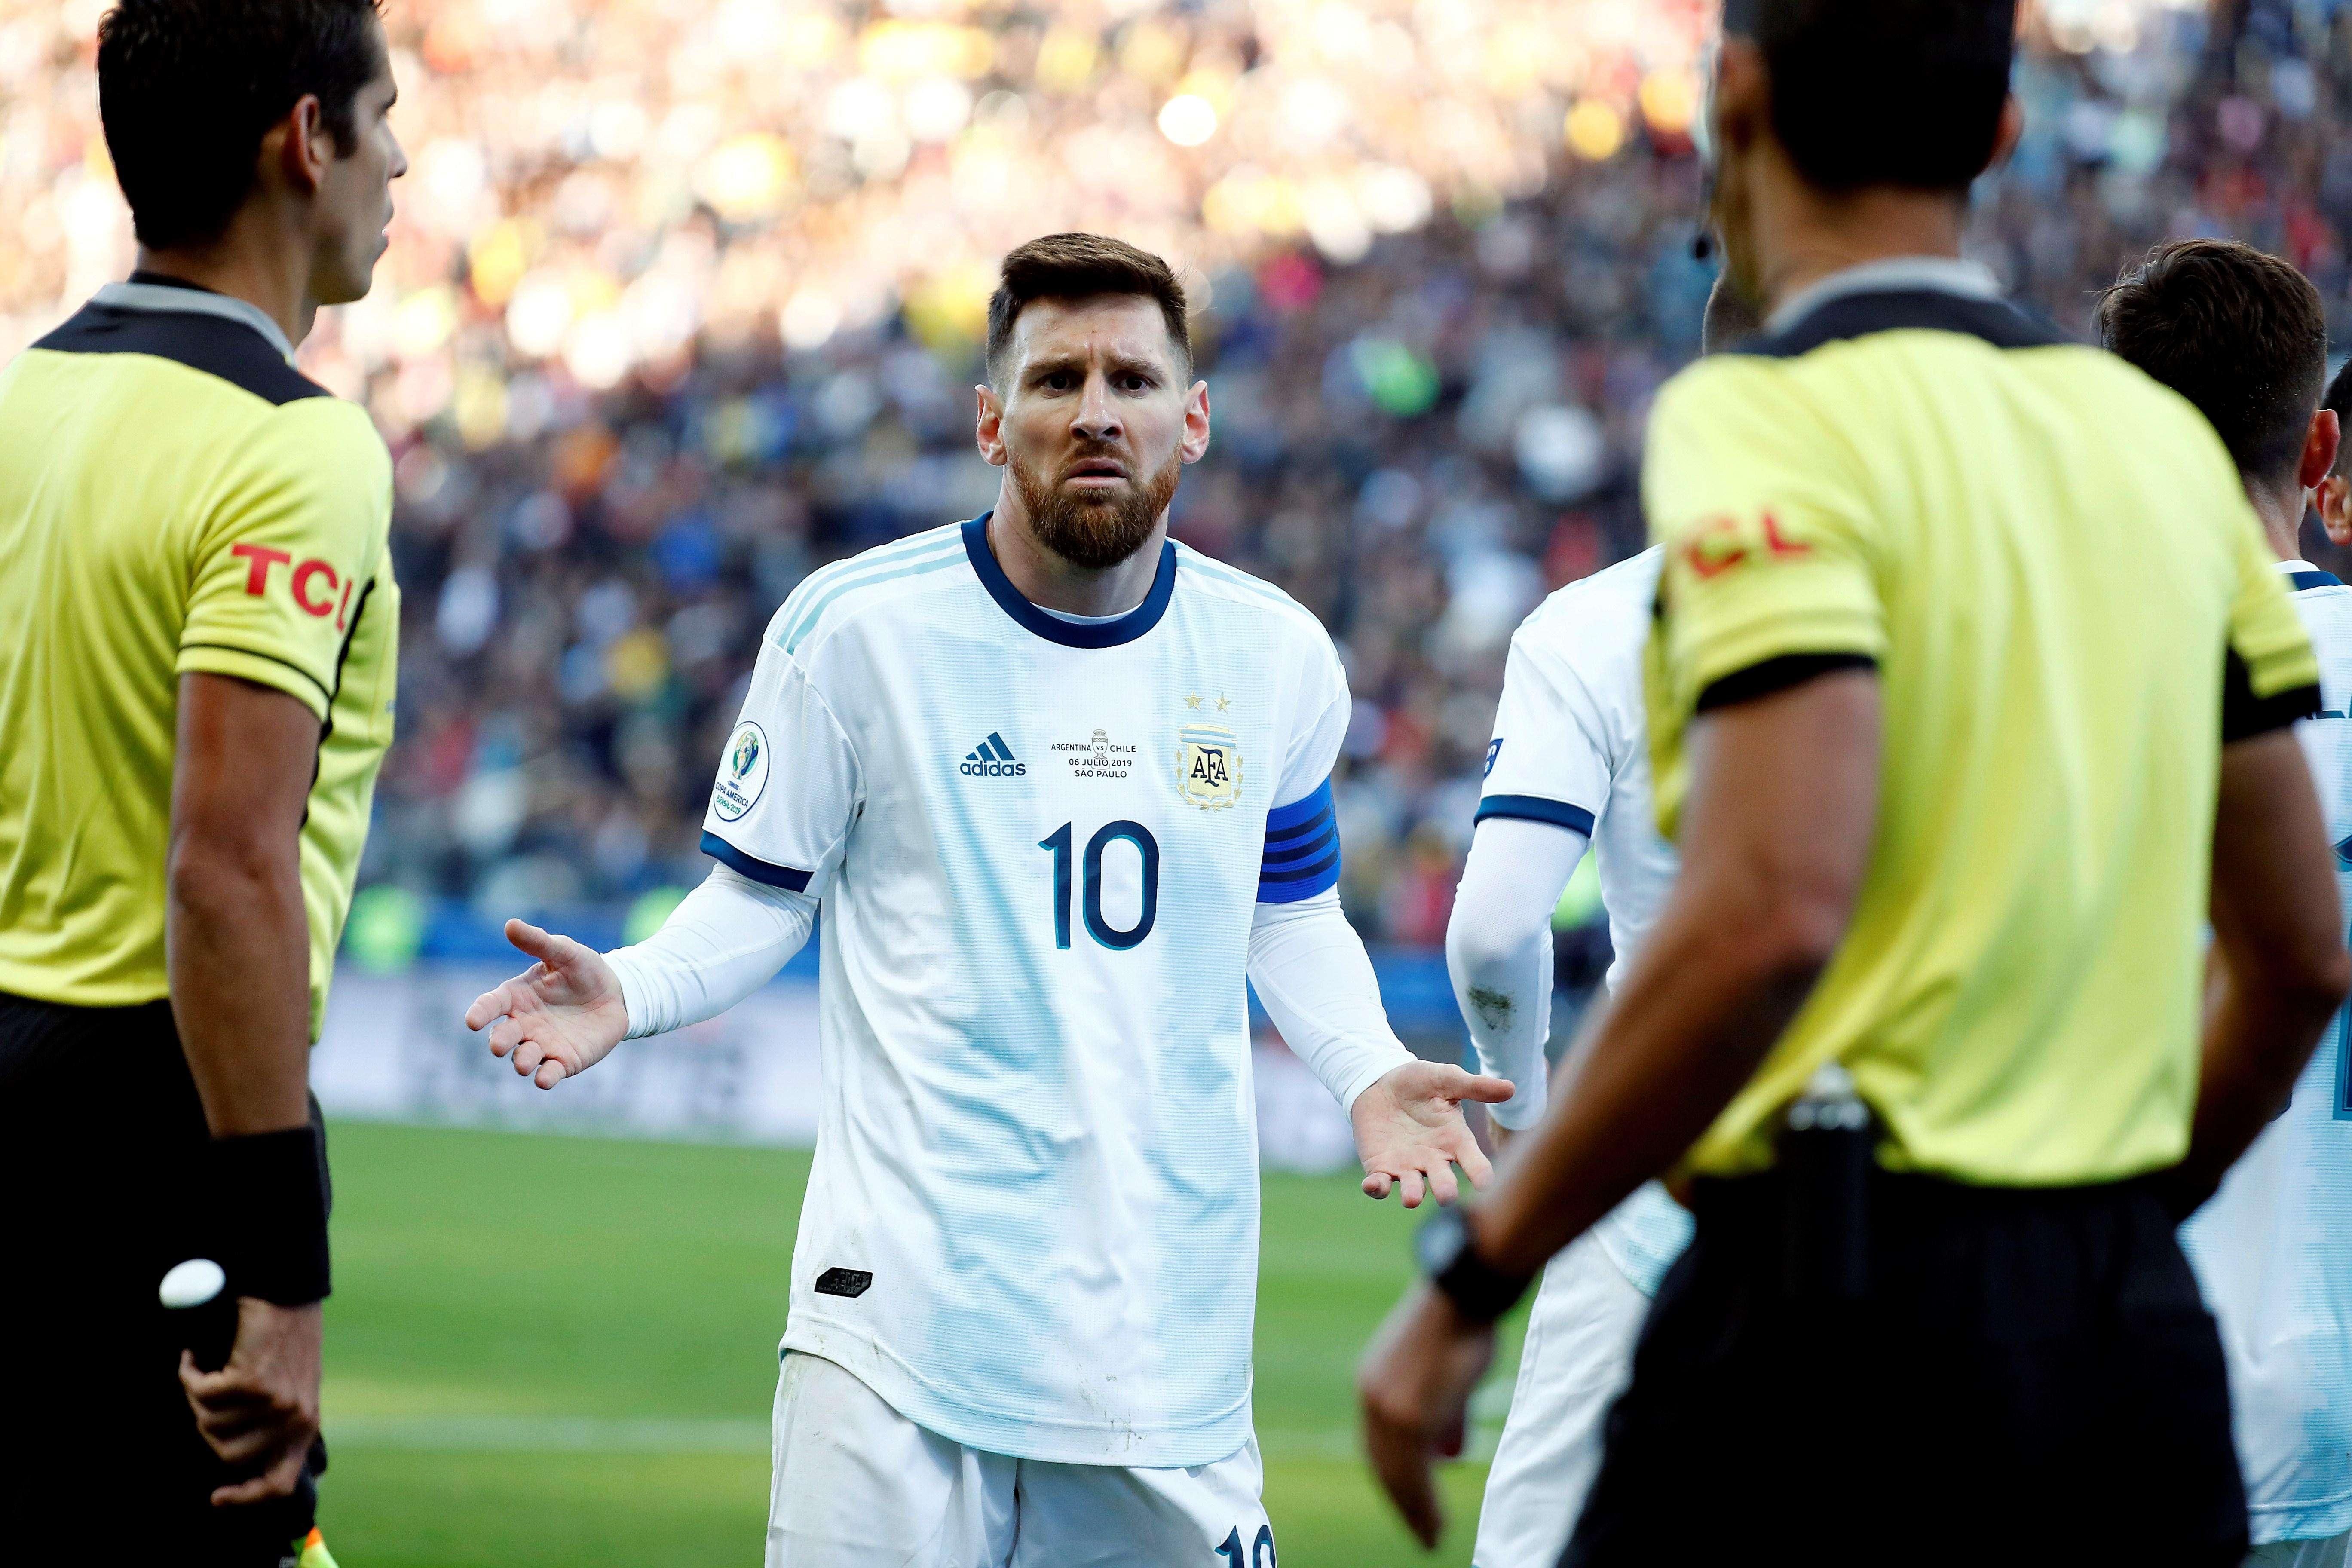 Messi declaró, después de que su selección fuera eliminada de la Copa América de Brasil, en julio, que hubo corrupción en el torneo. Foto:EFE